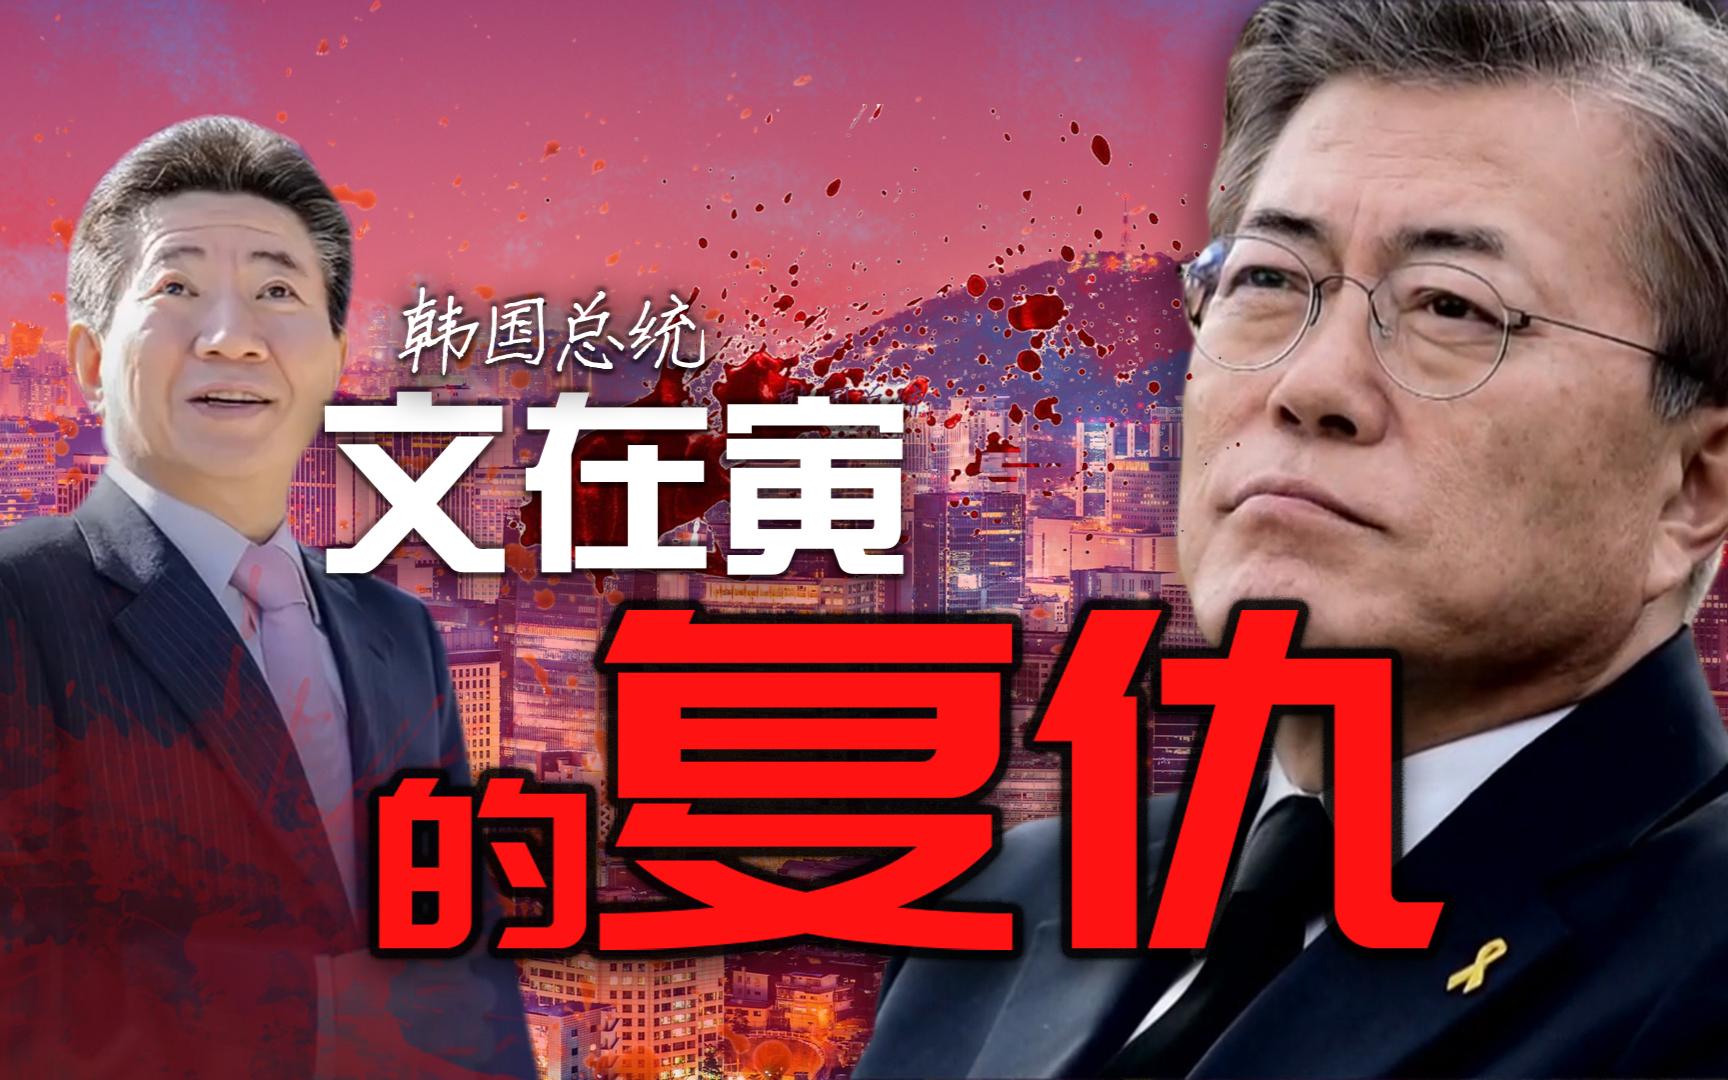 """【阿斗】韩国总统难逃""""死亡魔咒""""?深度解读卢武铉和文在寅逆袭背后的故事!(上)"""